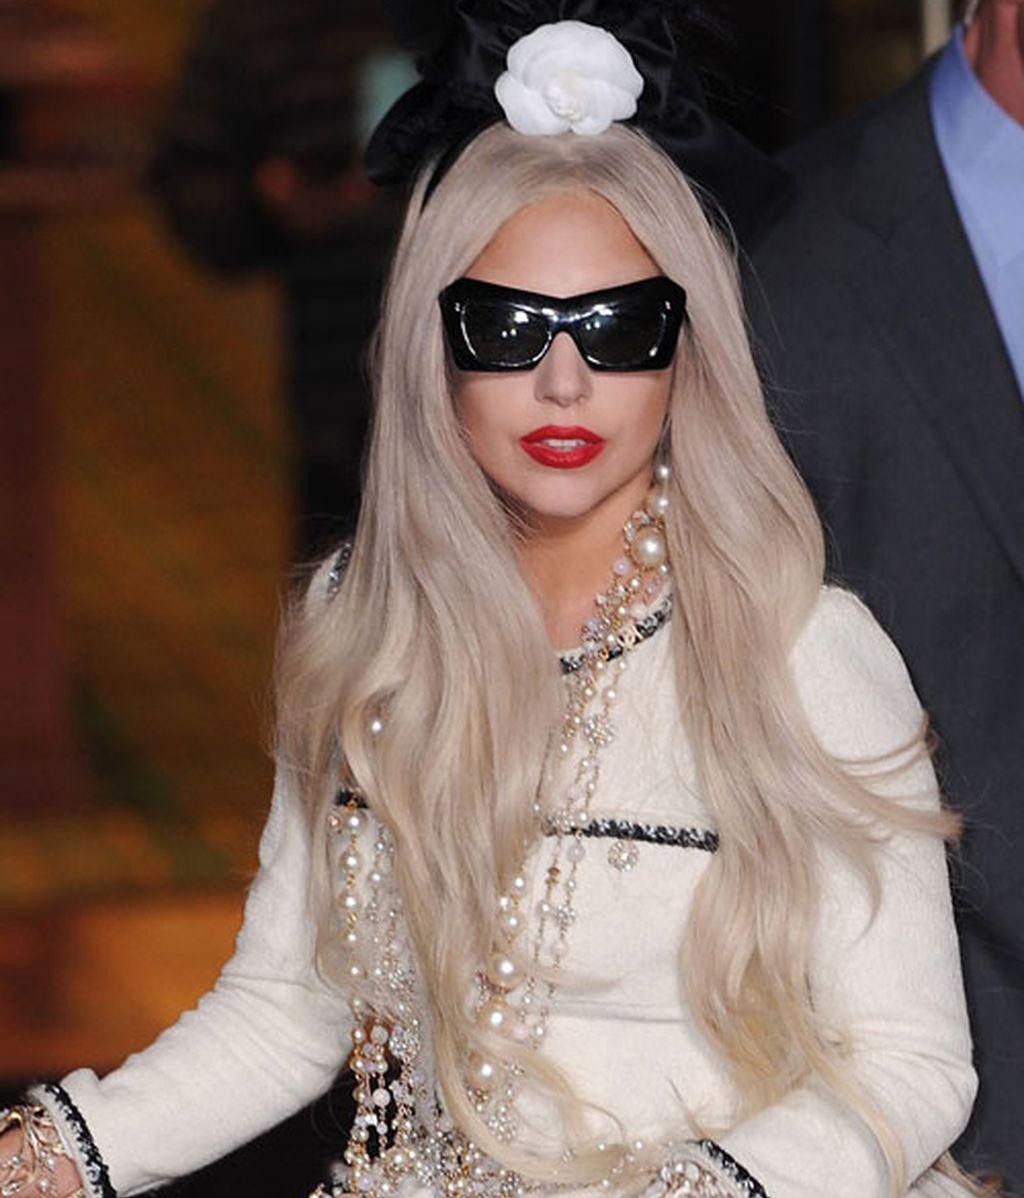 Cómprate las gafas del Rey y otros modelos famosos